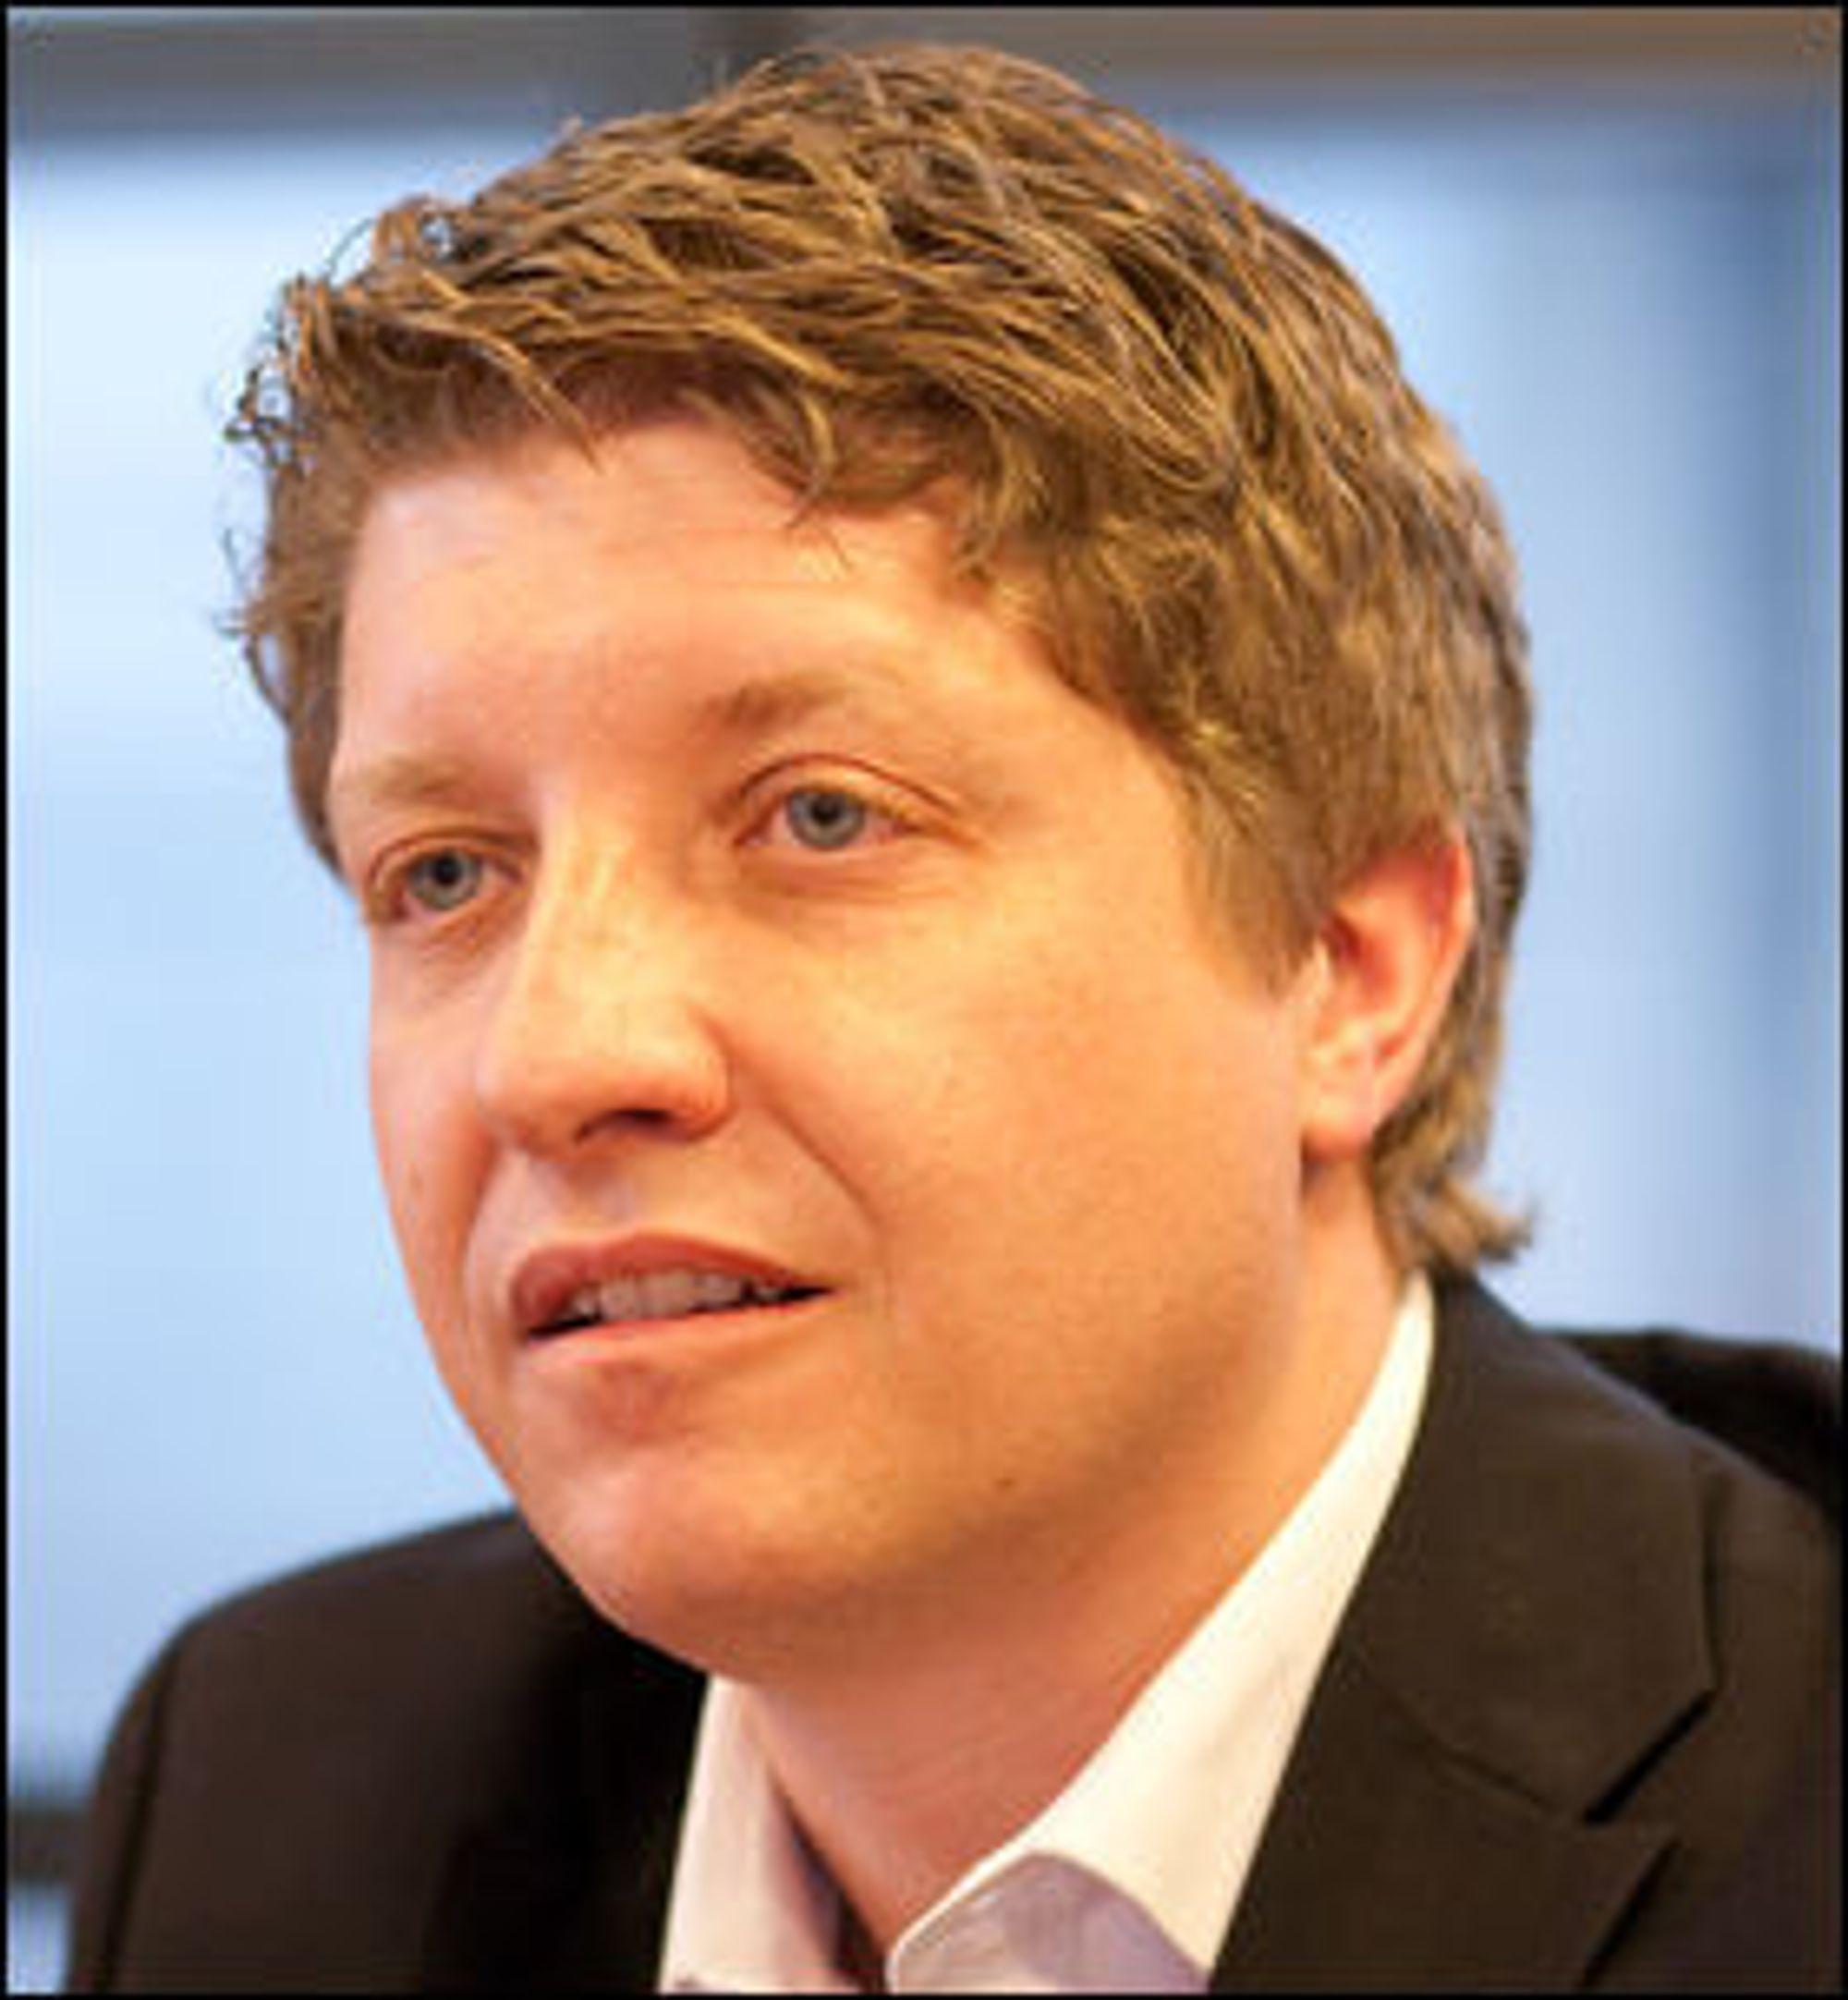 Teknologidirektør i Telenor Norge, Frode Støldal, sier at Longyearbyen trolig er stedet i Norge med høyest konsentrasjon av infrastruktur.